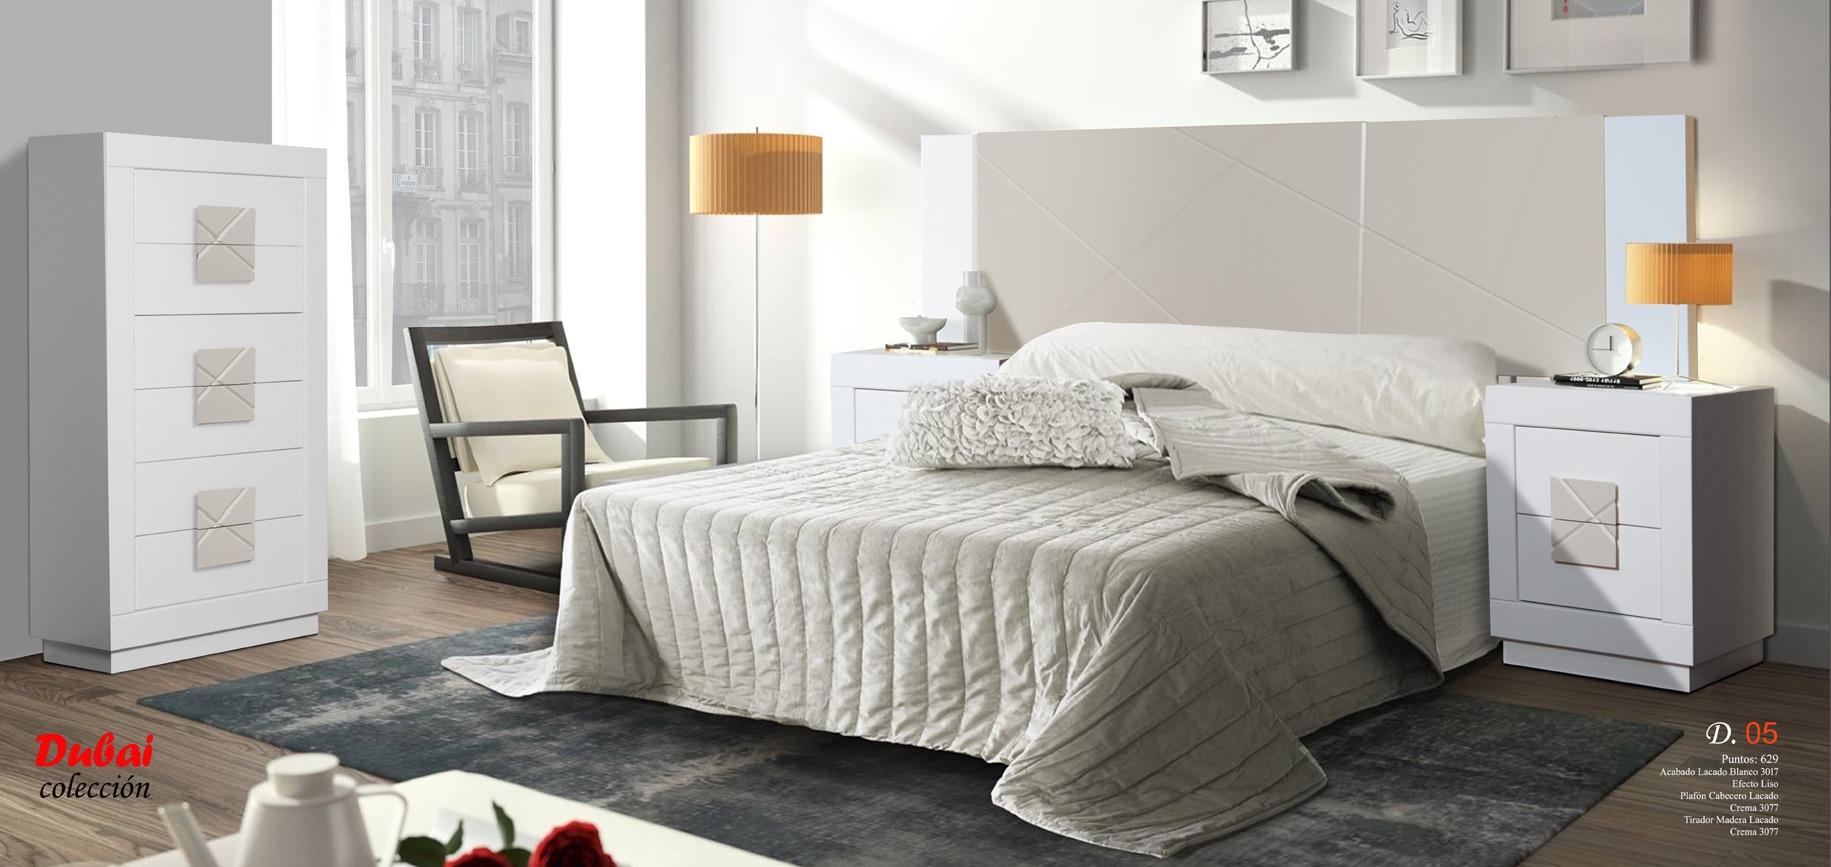 06 Dubai Dormitorio Muebles los barriales